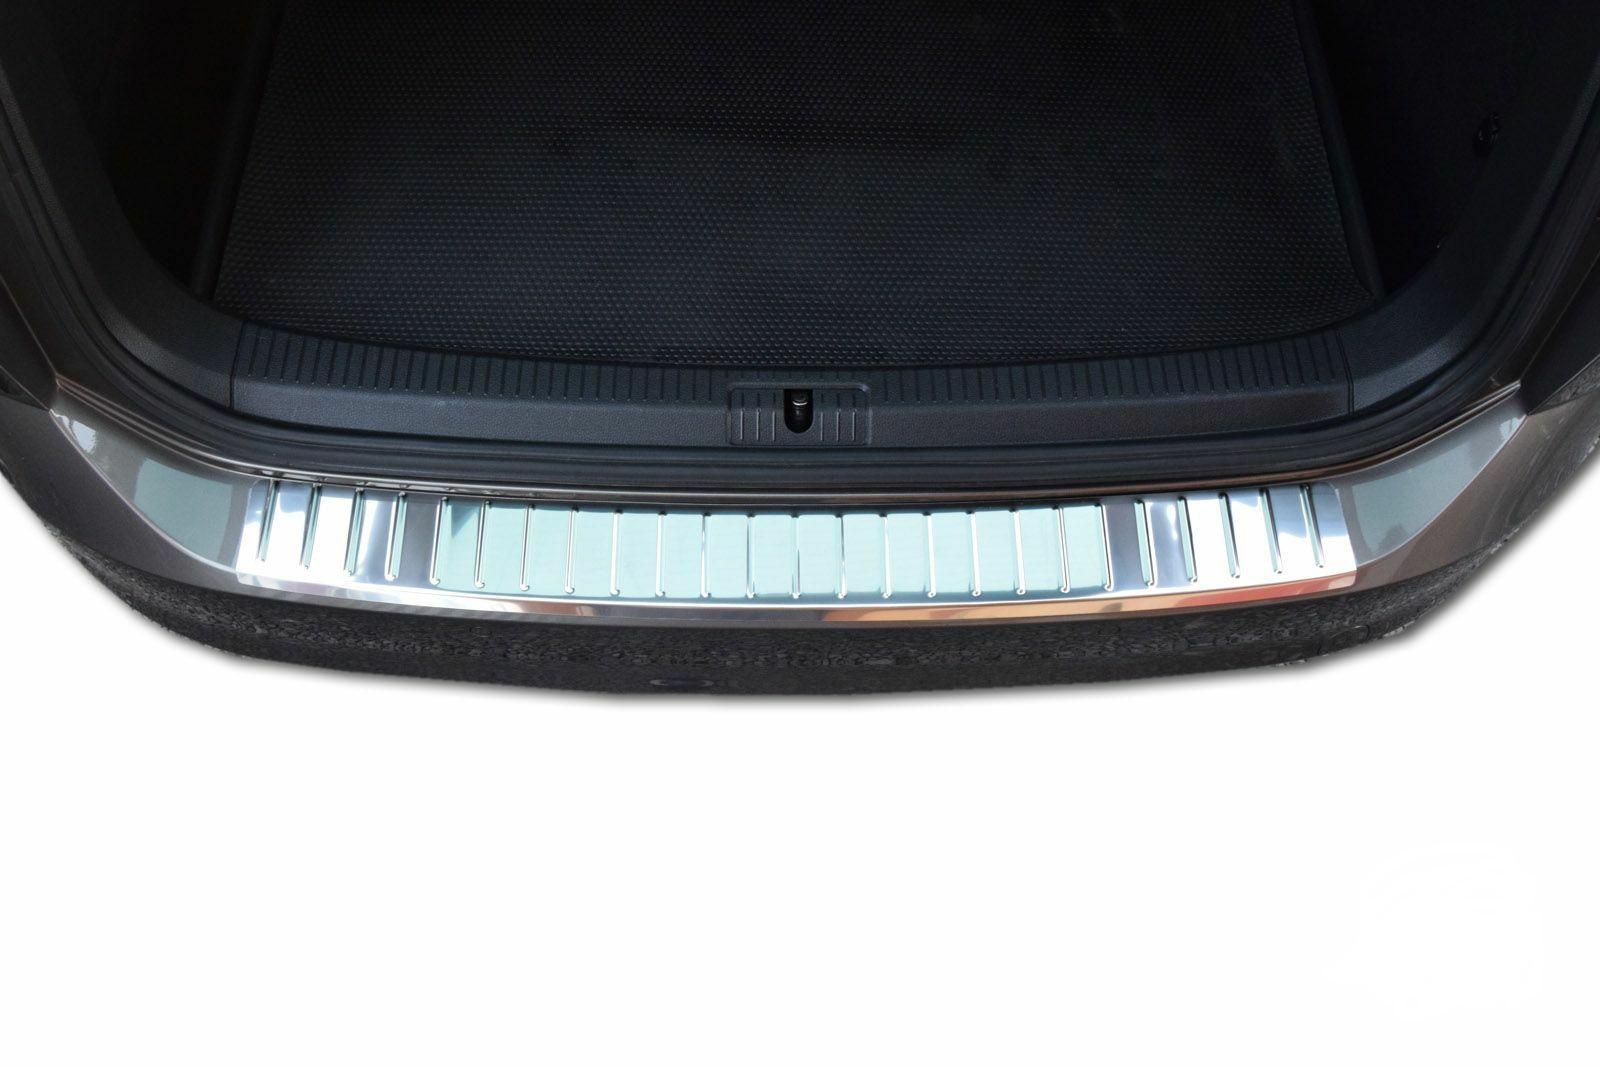 Poza cu Protectie bara spate, Audi Q5, 2008-2015